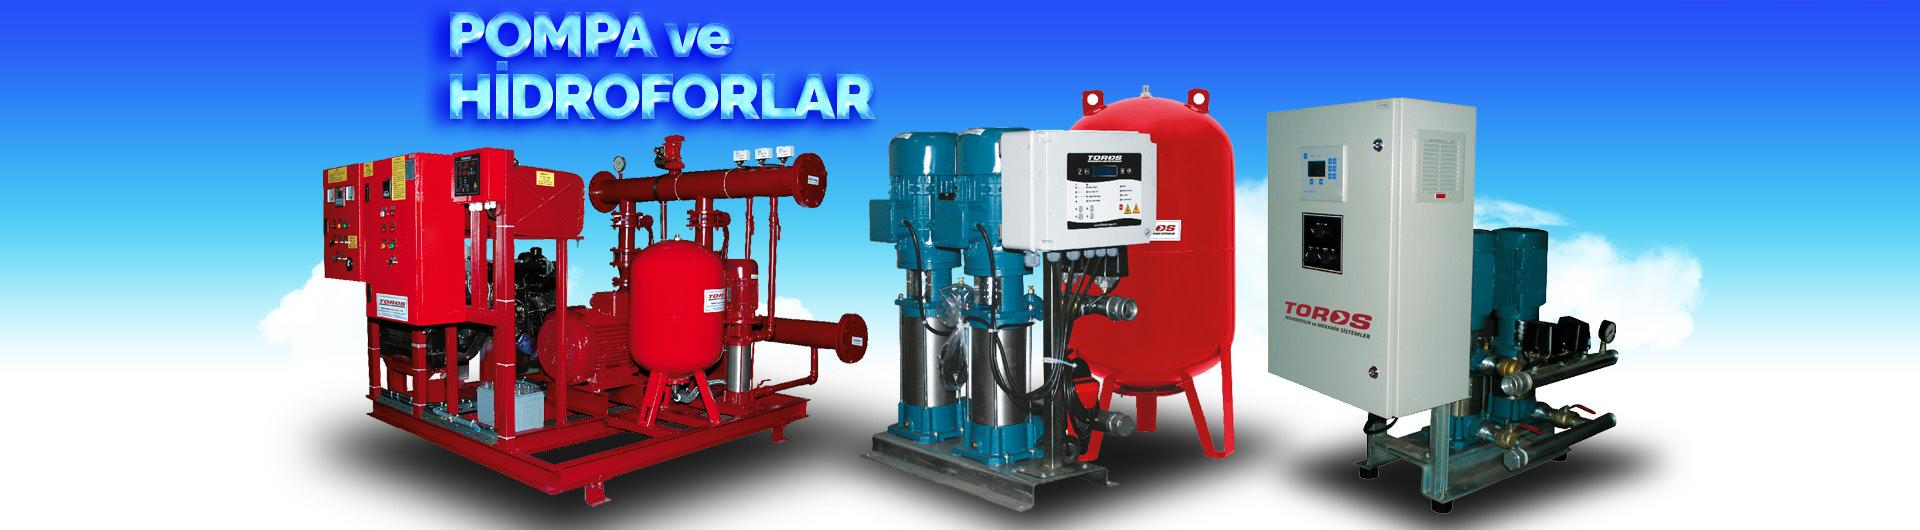 Toros Mühendislik ve Mekanik SistemlerPompa ve Hidrofor Grupları